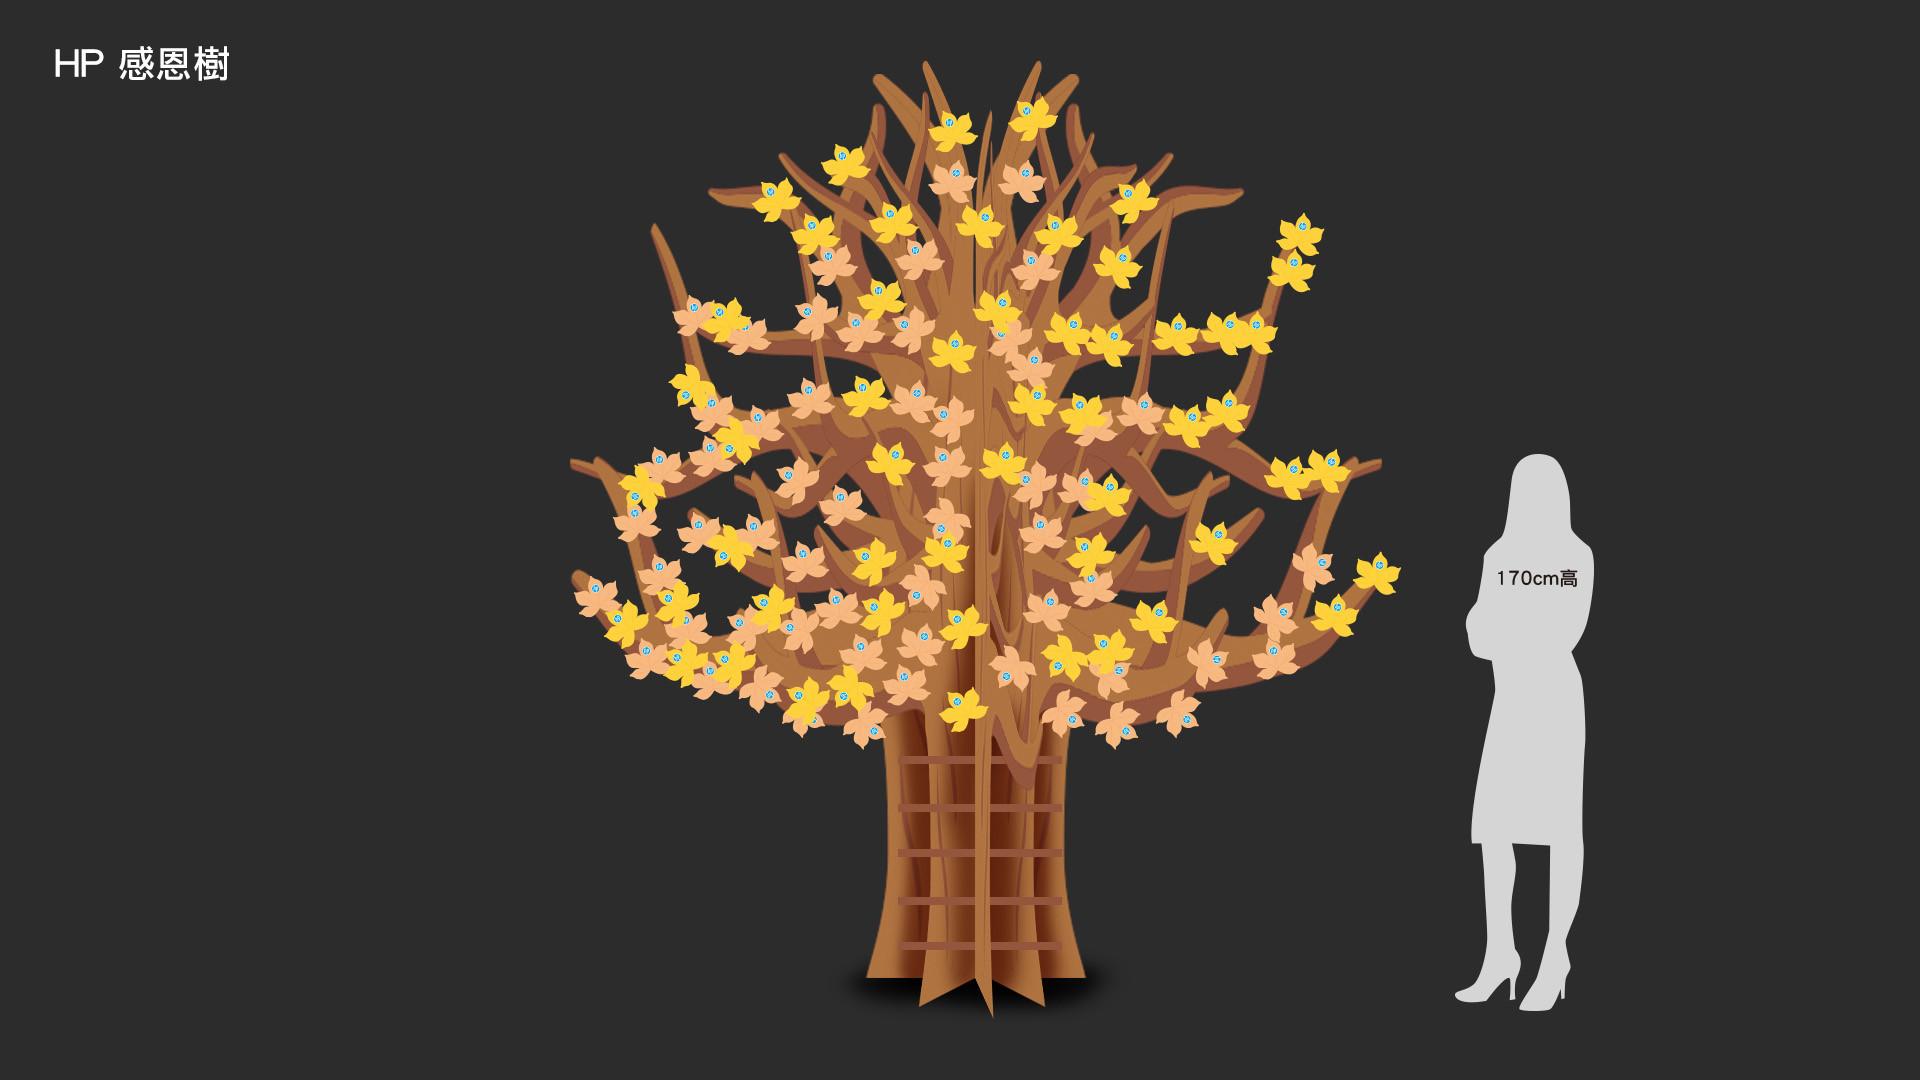 HP-感恩節-感恩樹-模擬-3.jpg